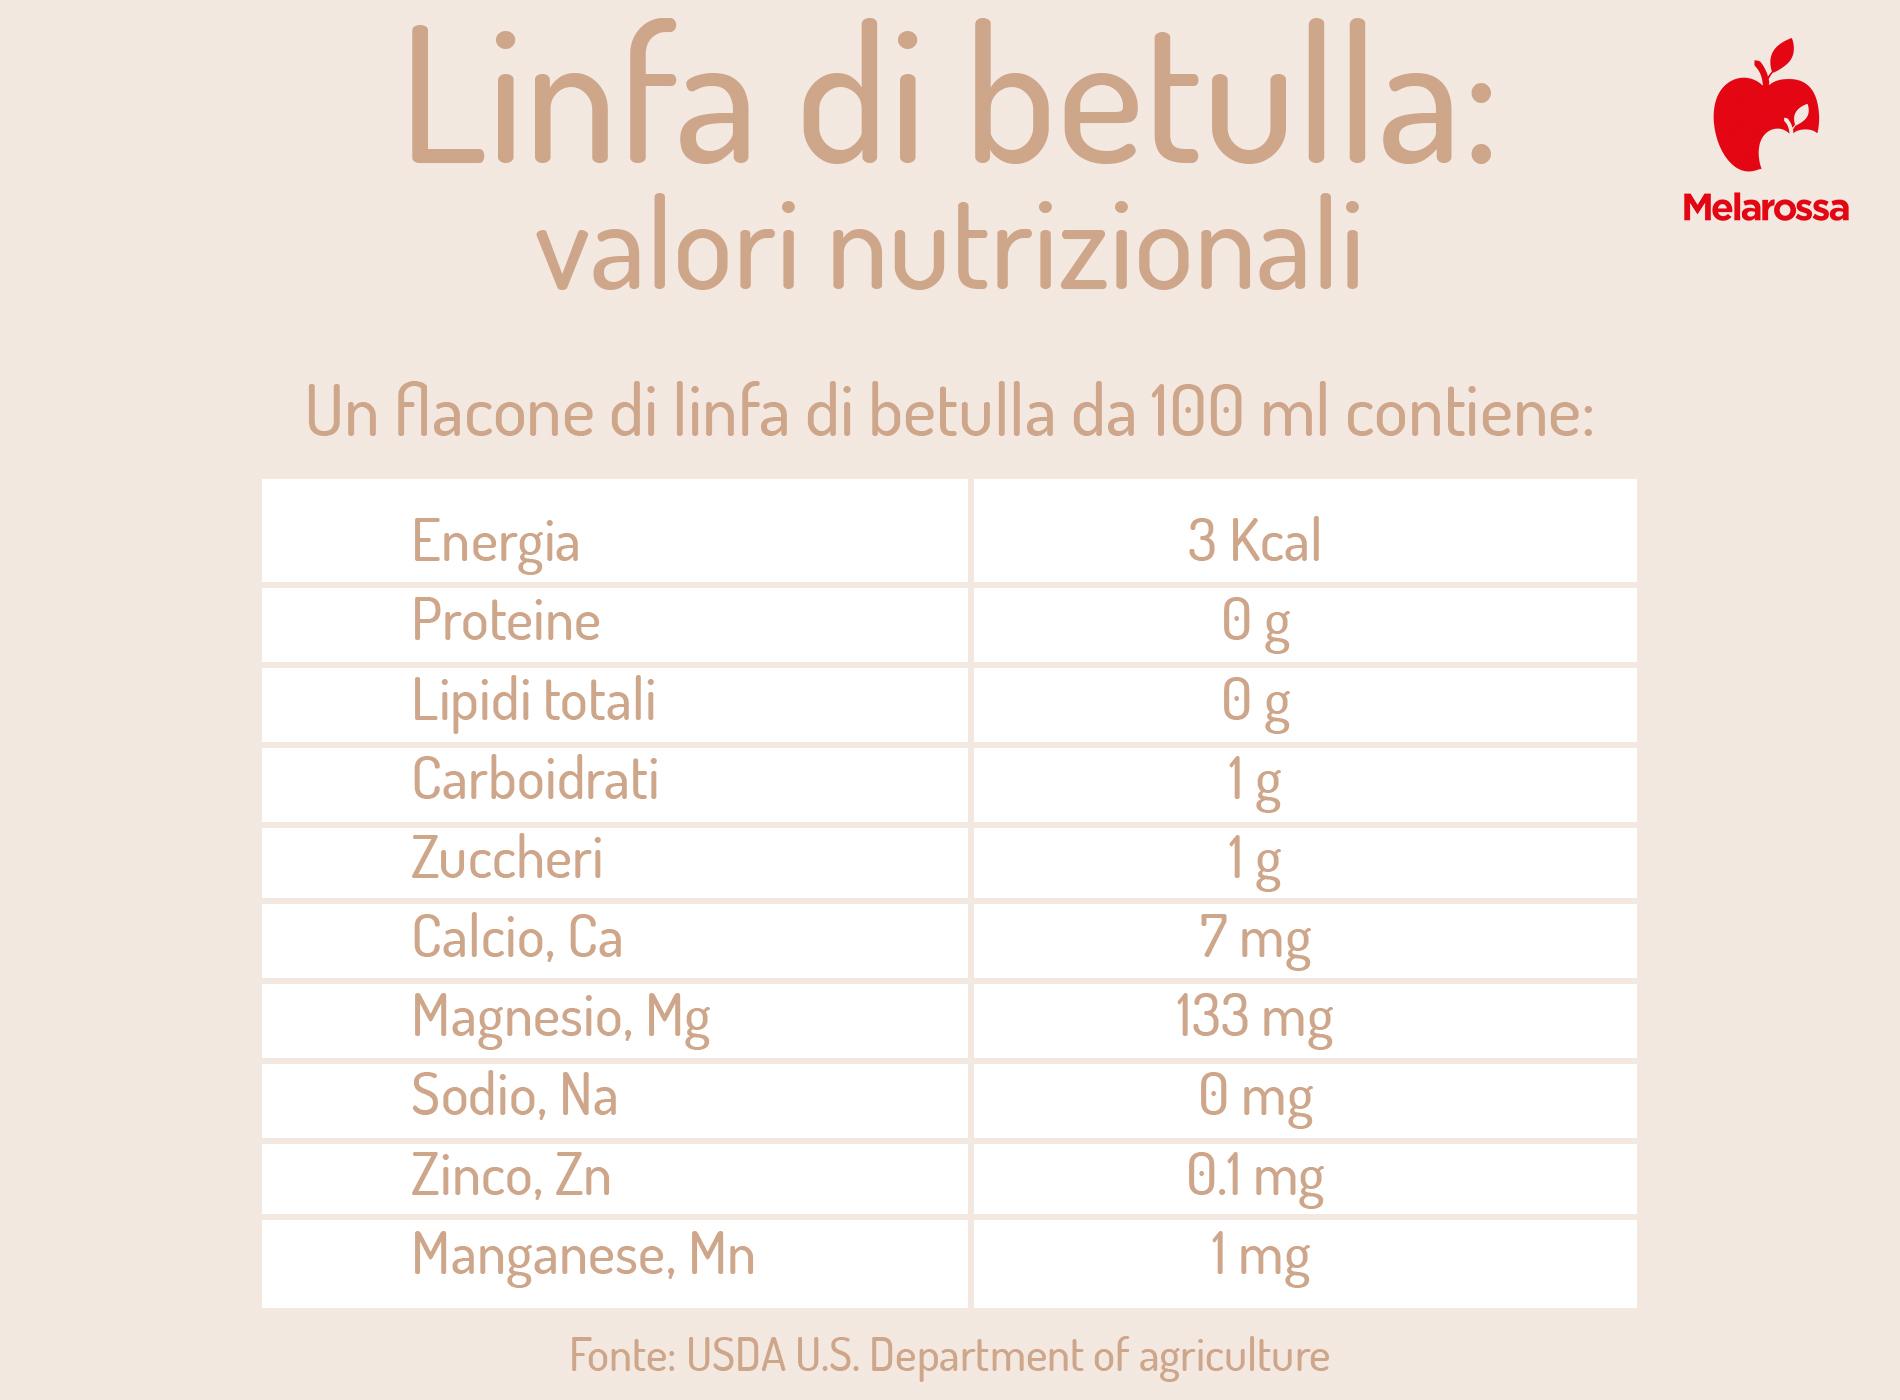 valori nutrizionali della linfa di betulla